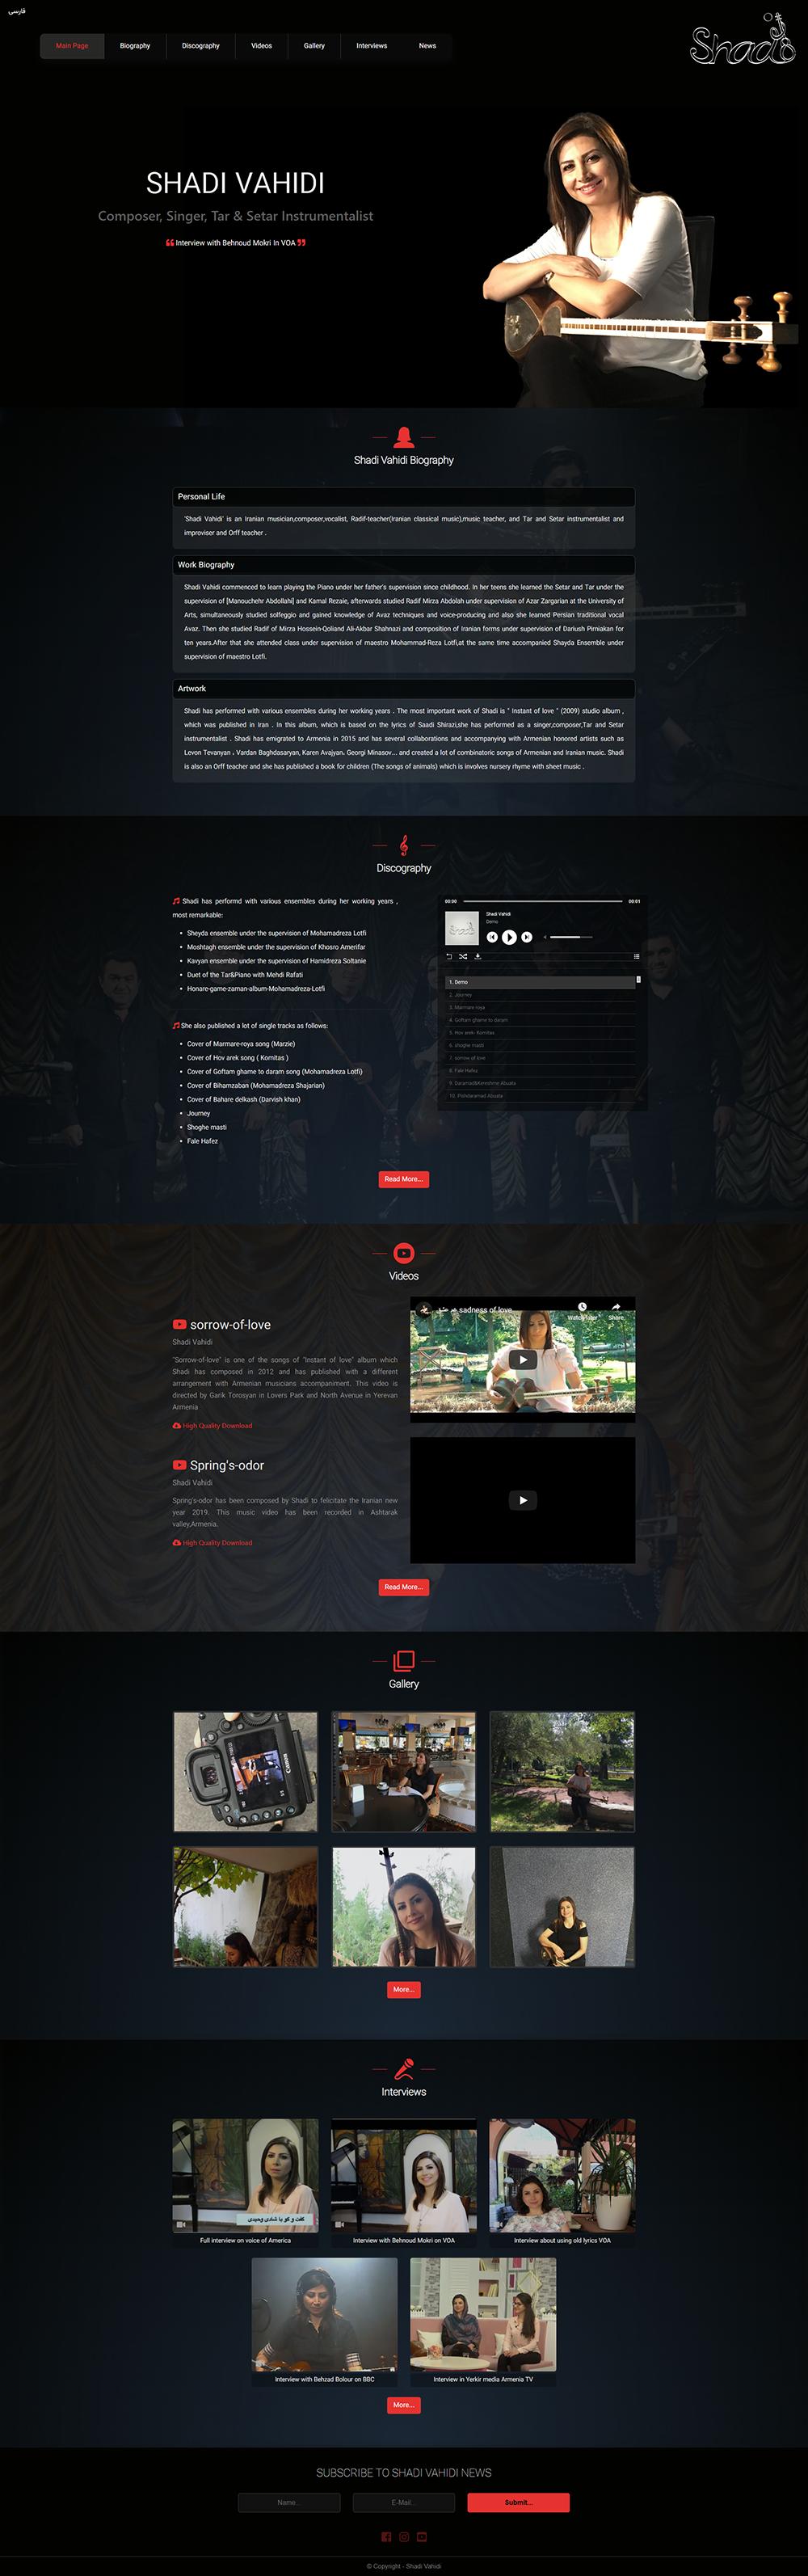 طراحی قالب سایت شخصی شادی وحیدی